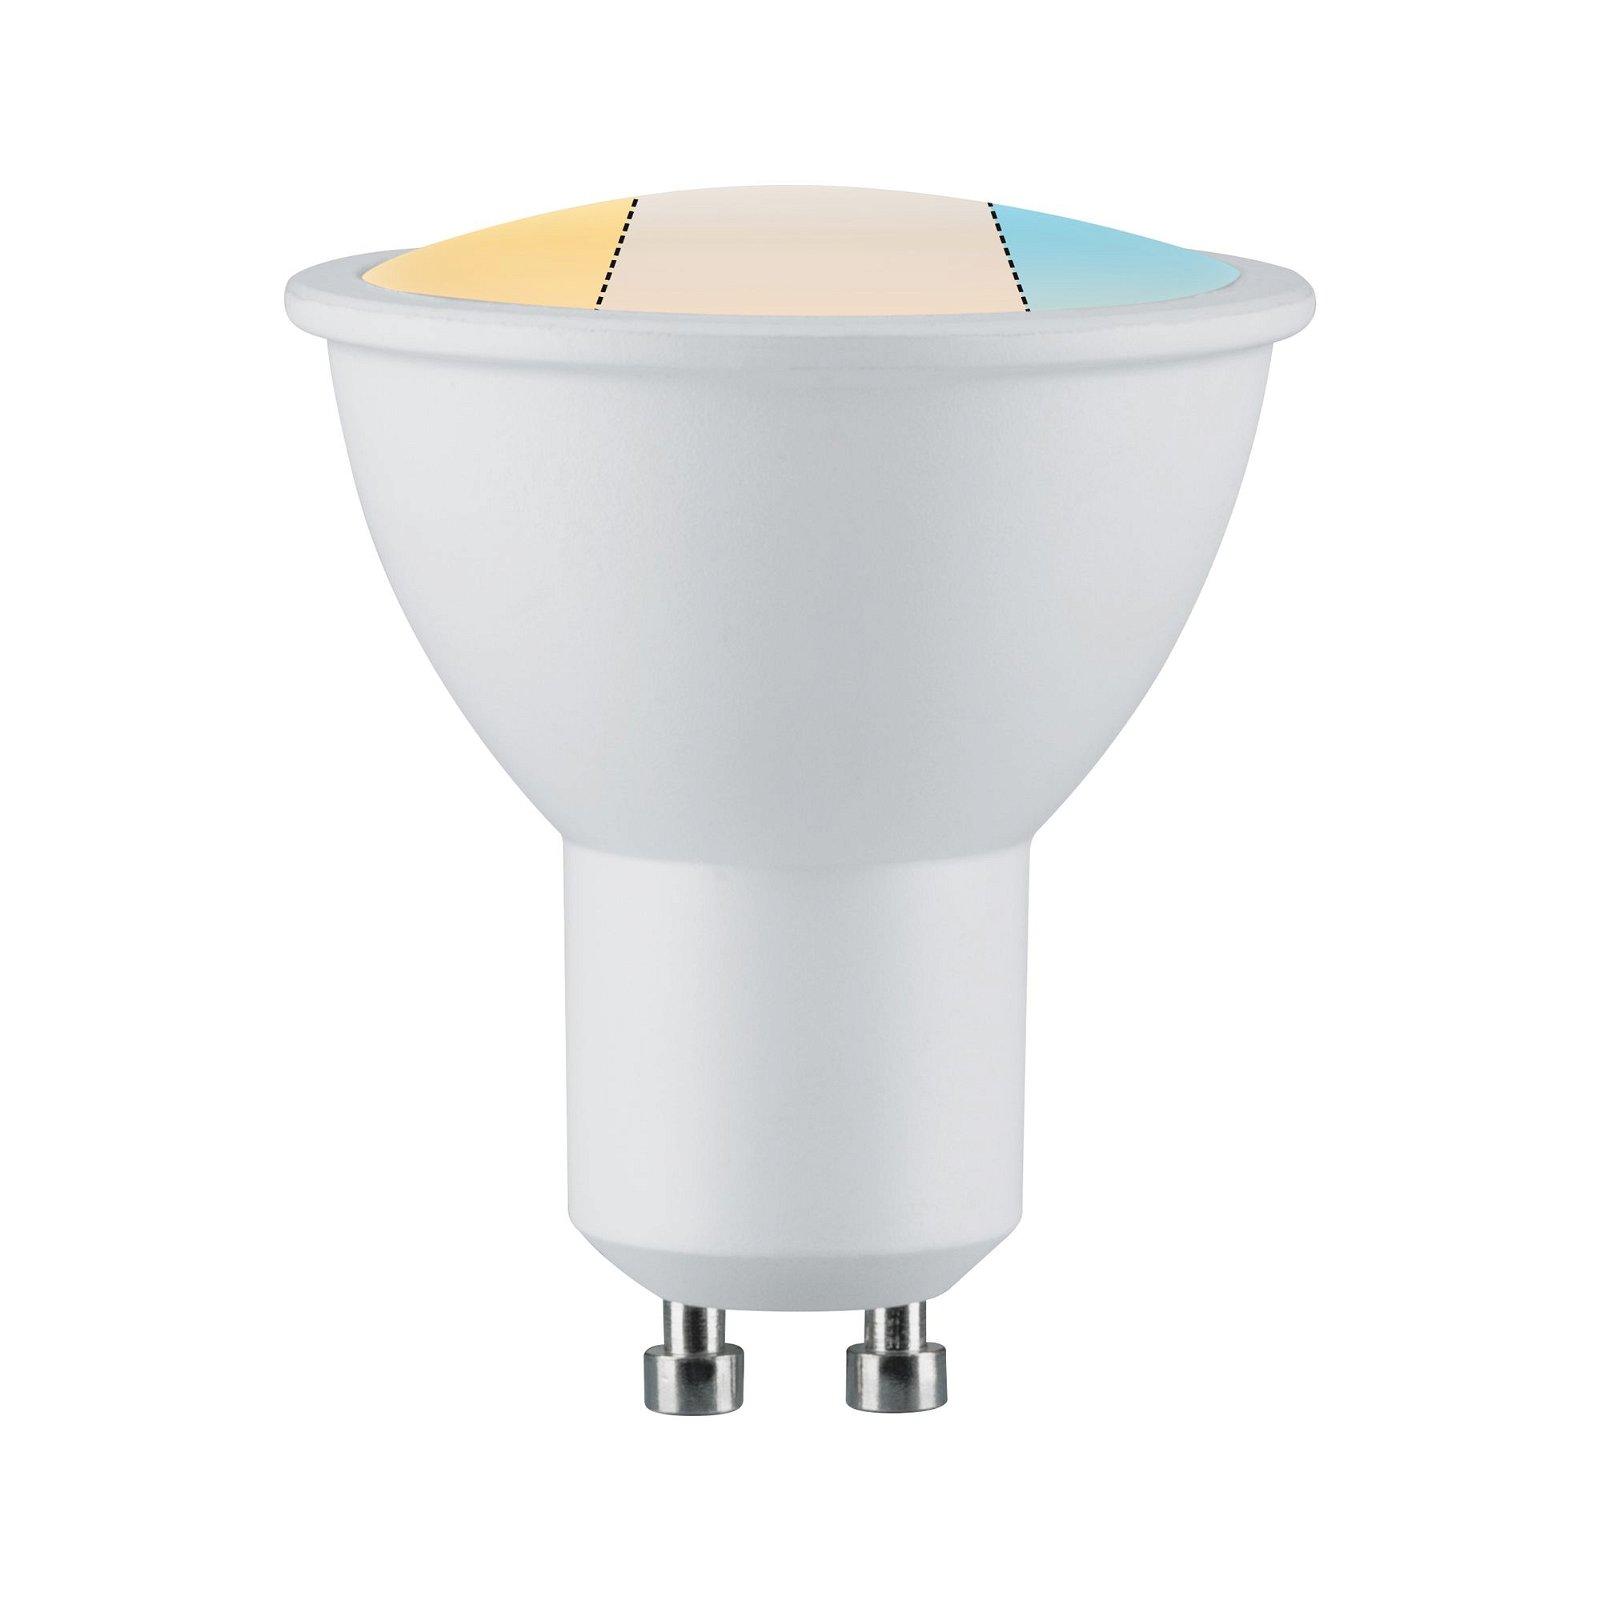 LED Reflektor GU10 230V 470lm 5,9W White Switch Weiß